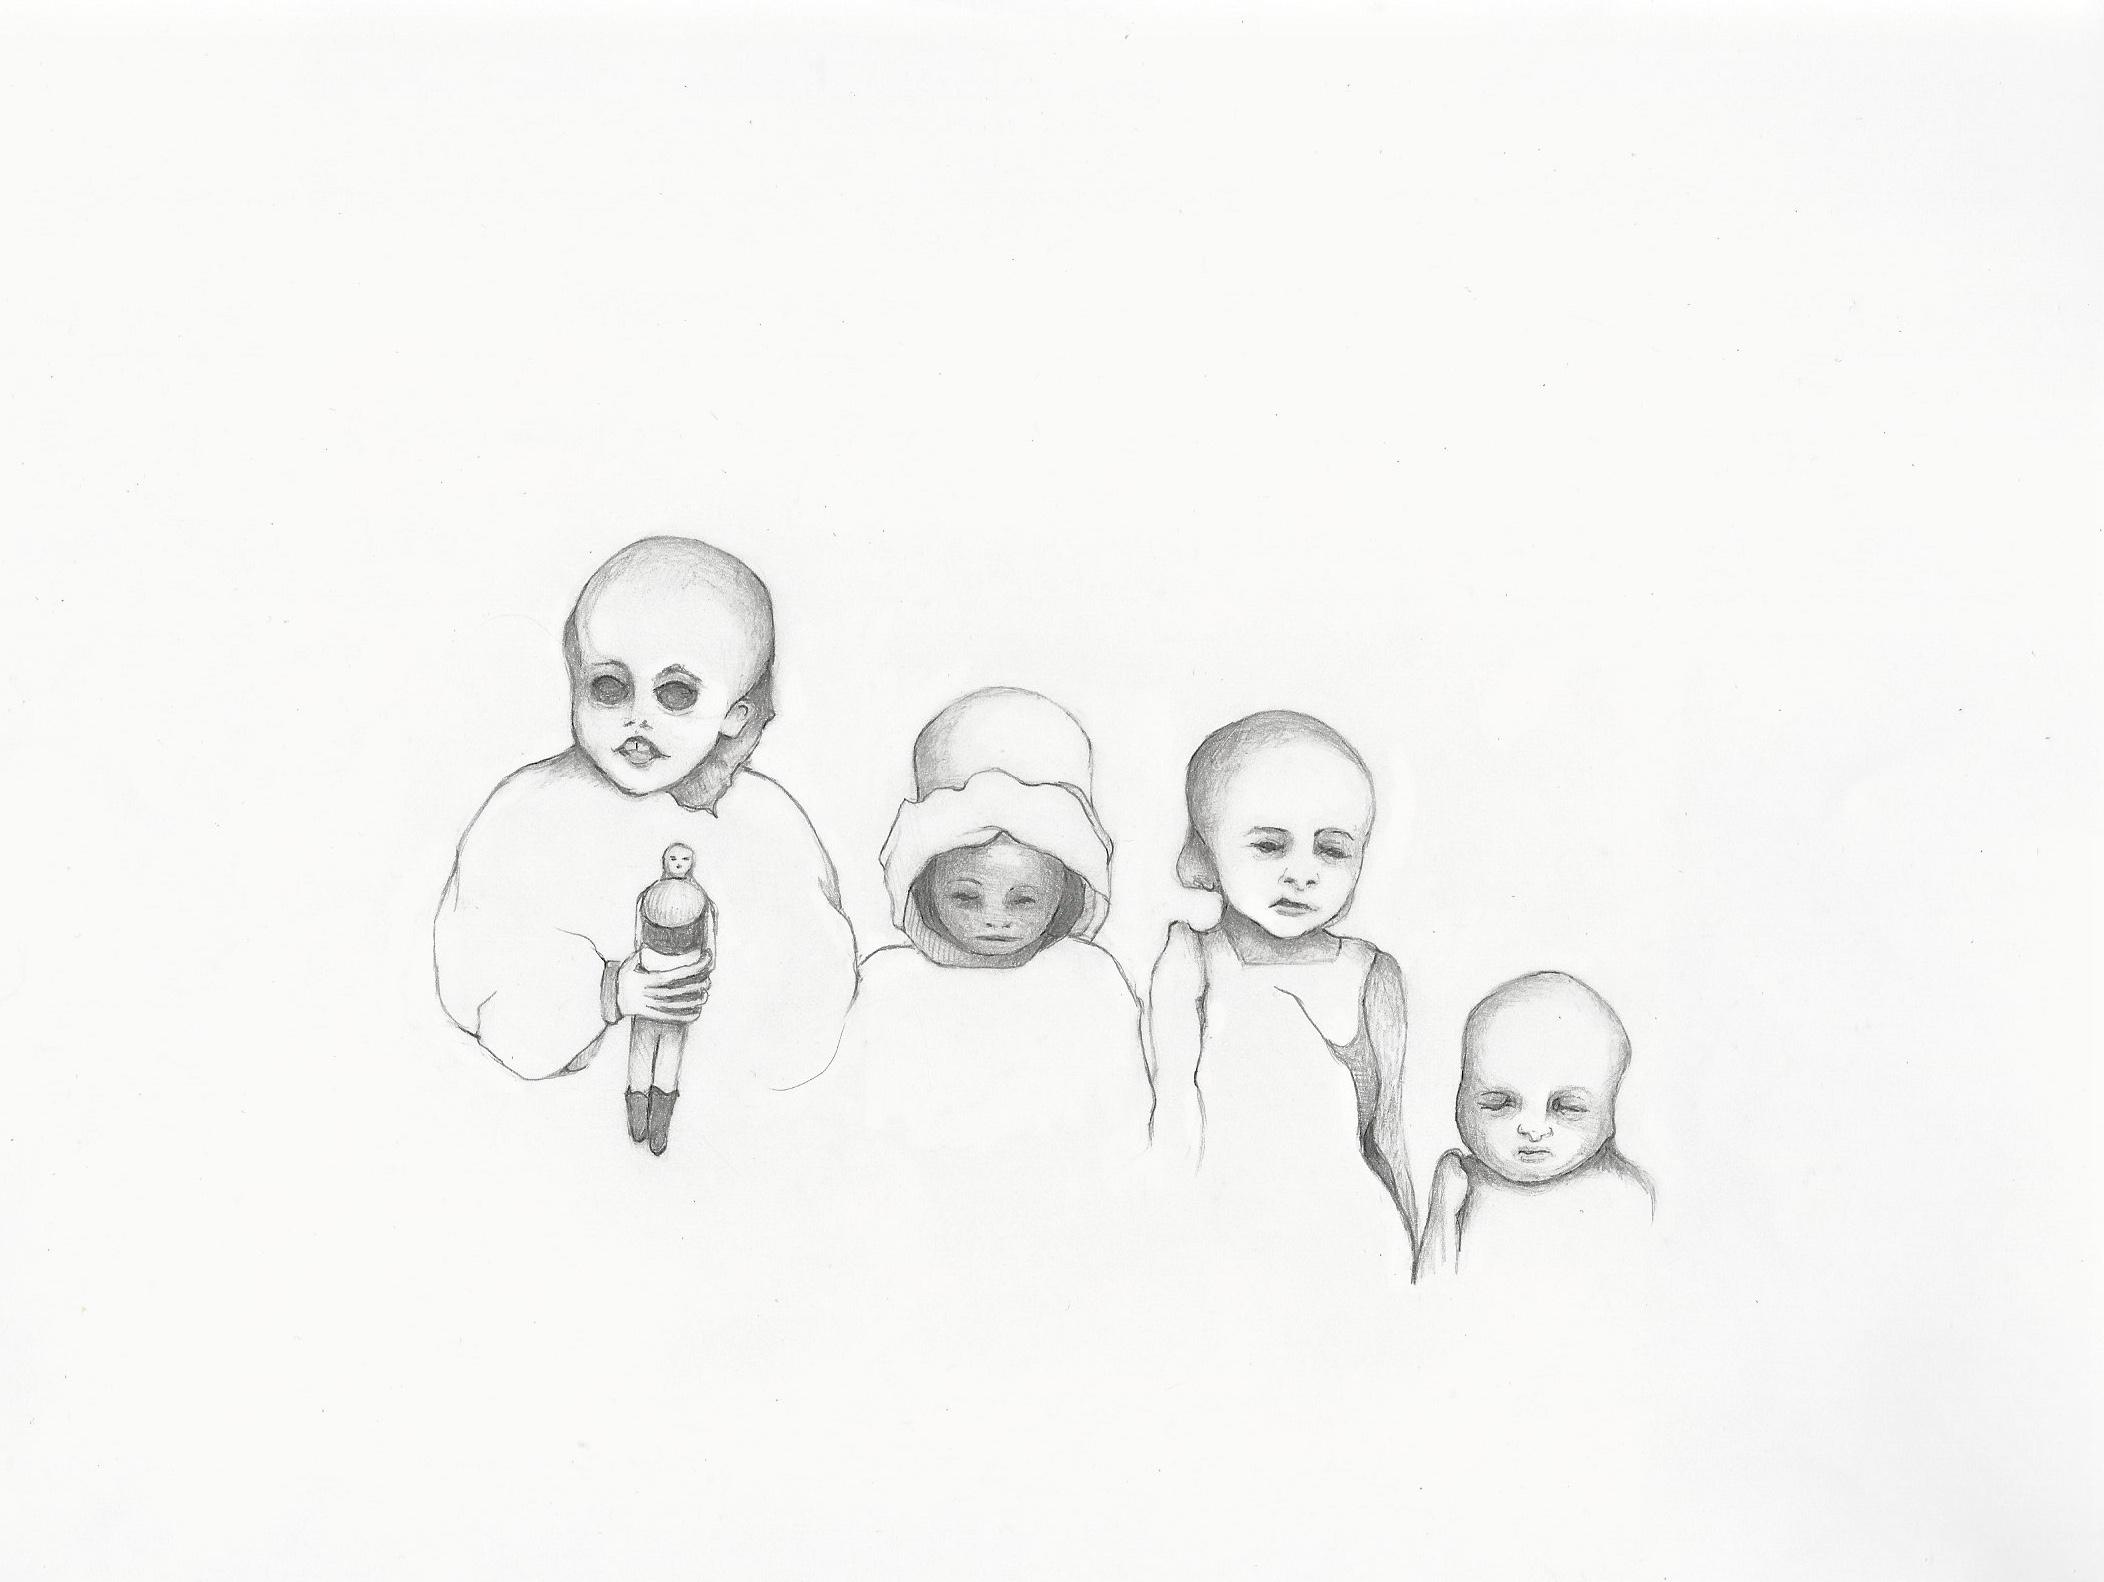 2104x1582 Laura Stanziola, Mummified Children With Doll, Guanajuato, Mexico